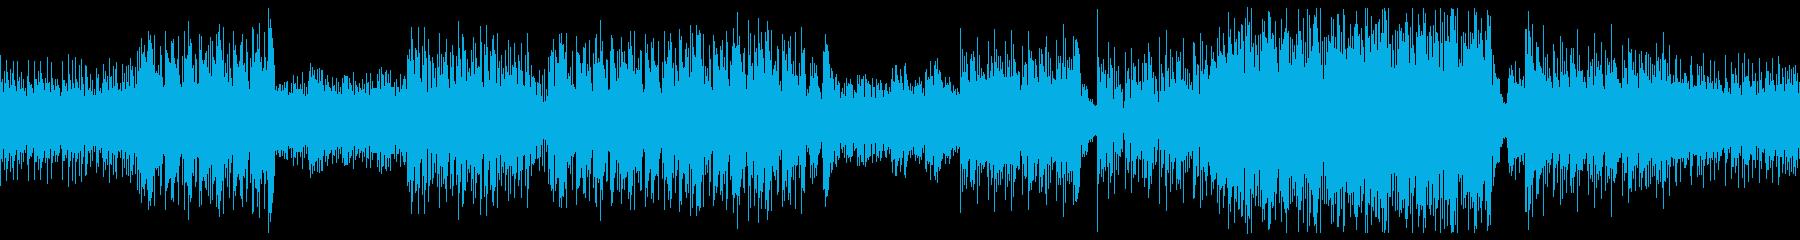 ゲーム用途のニューレトロBGM-Loopの再生済みの波形